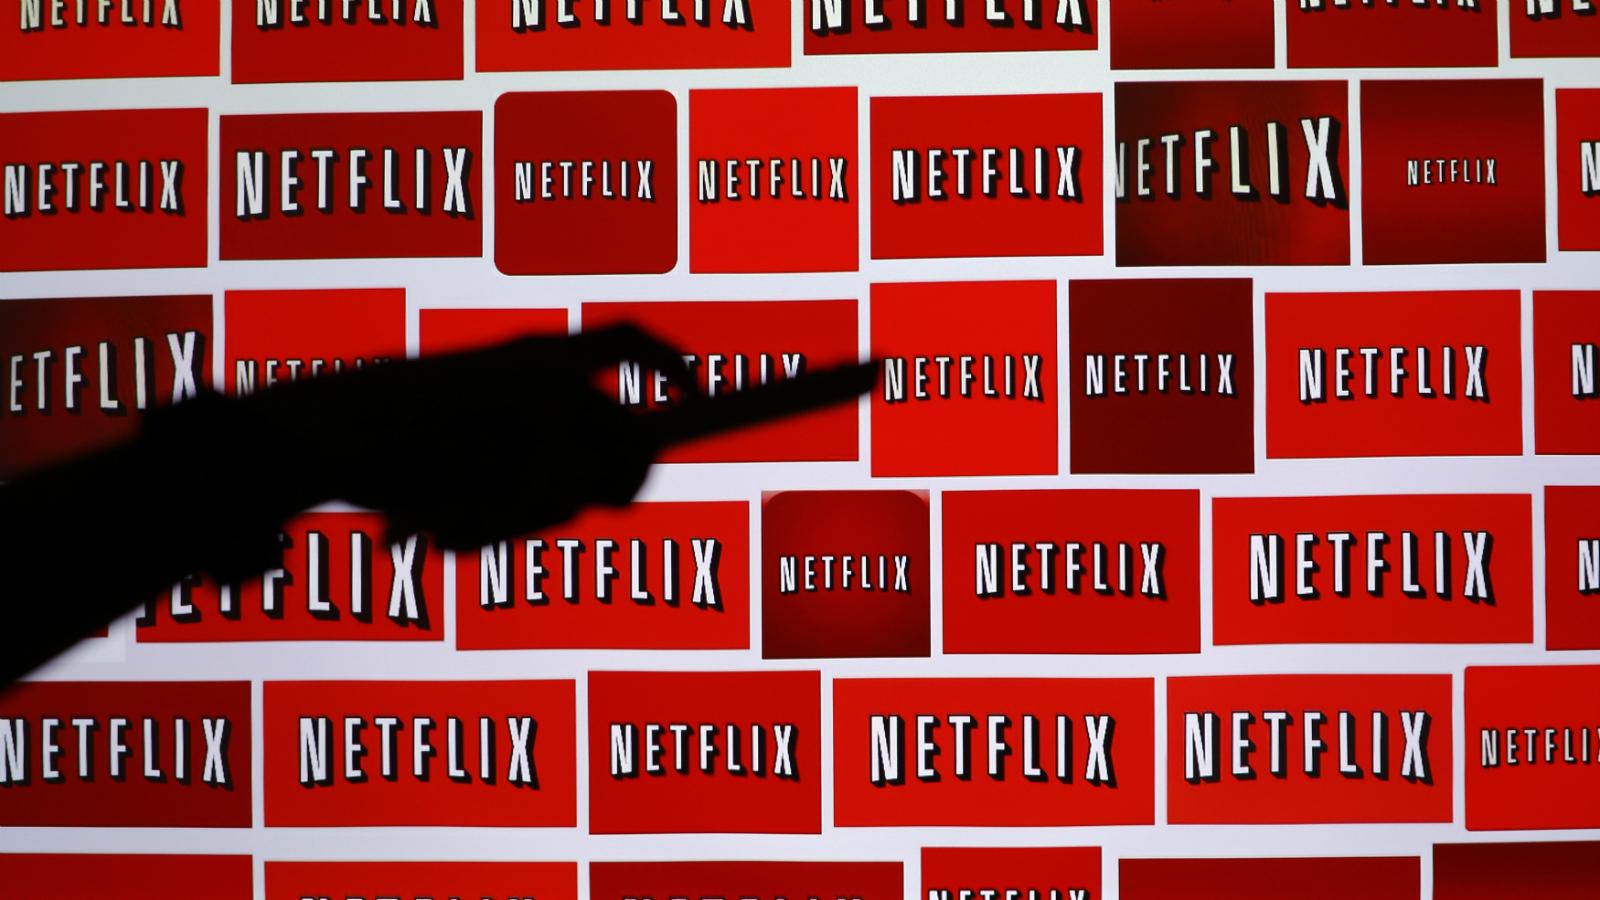 India-Netflix-television